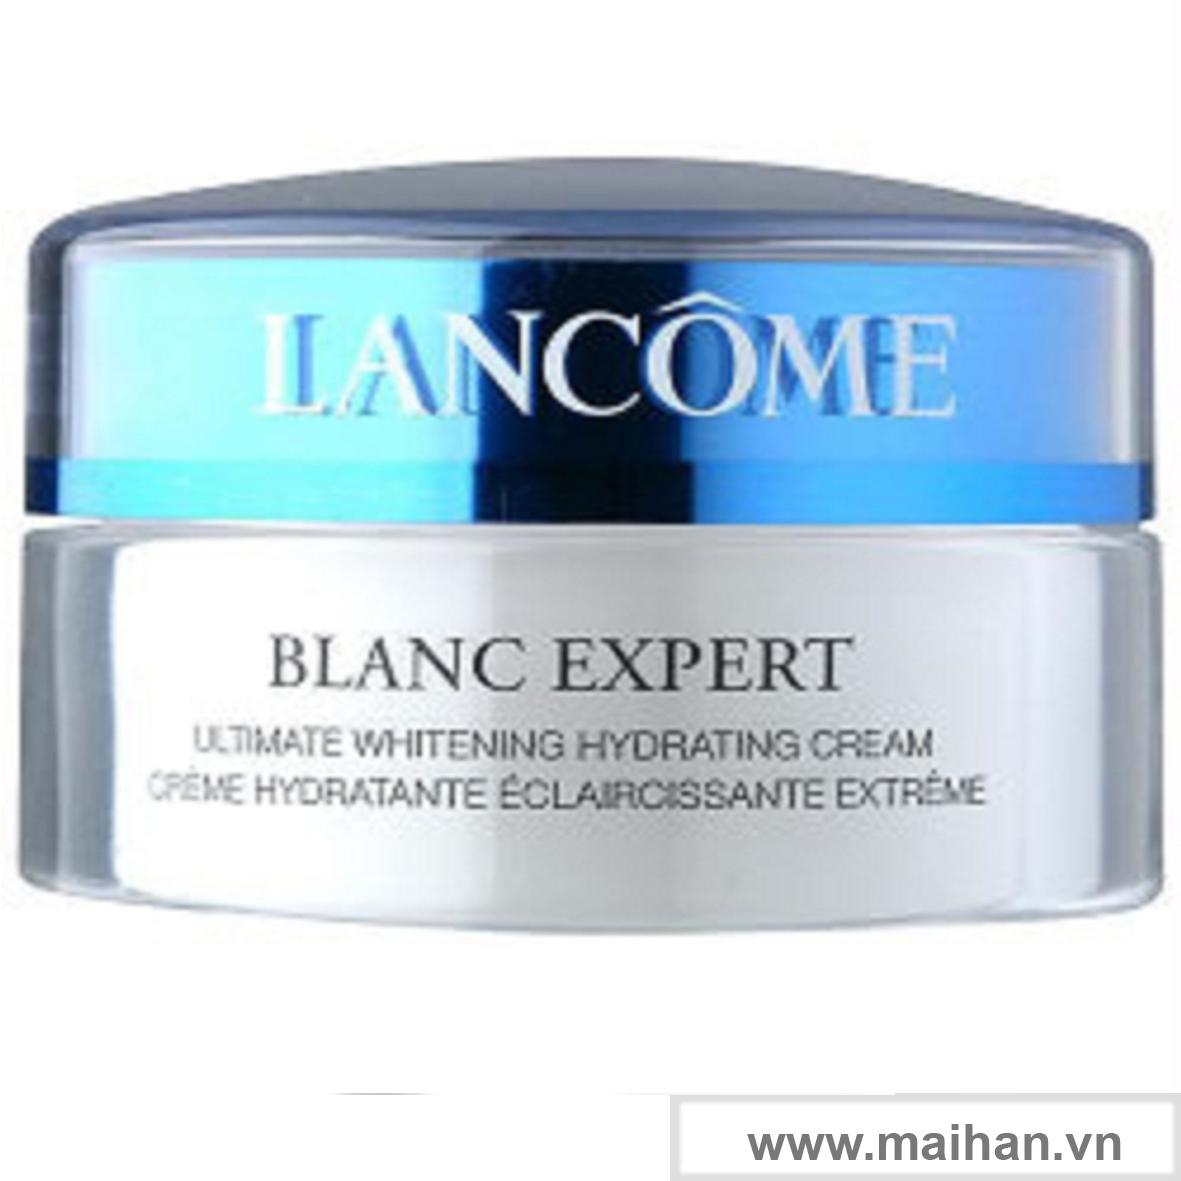 Kem dưỡng trắng ban ngày Lancôme